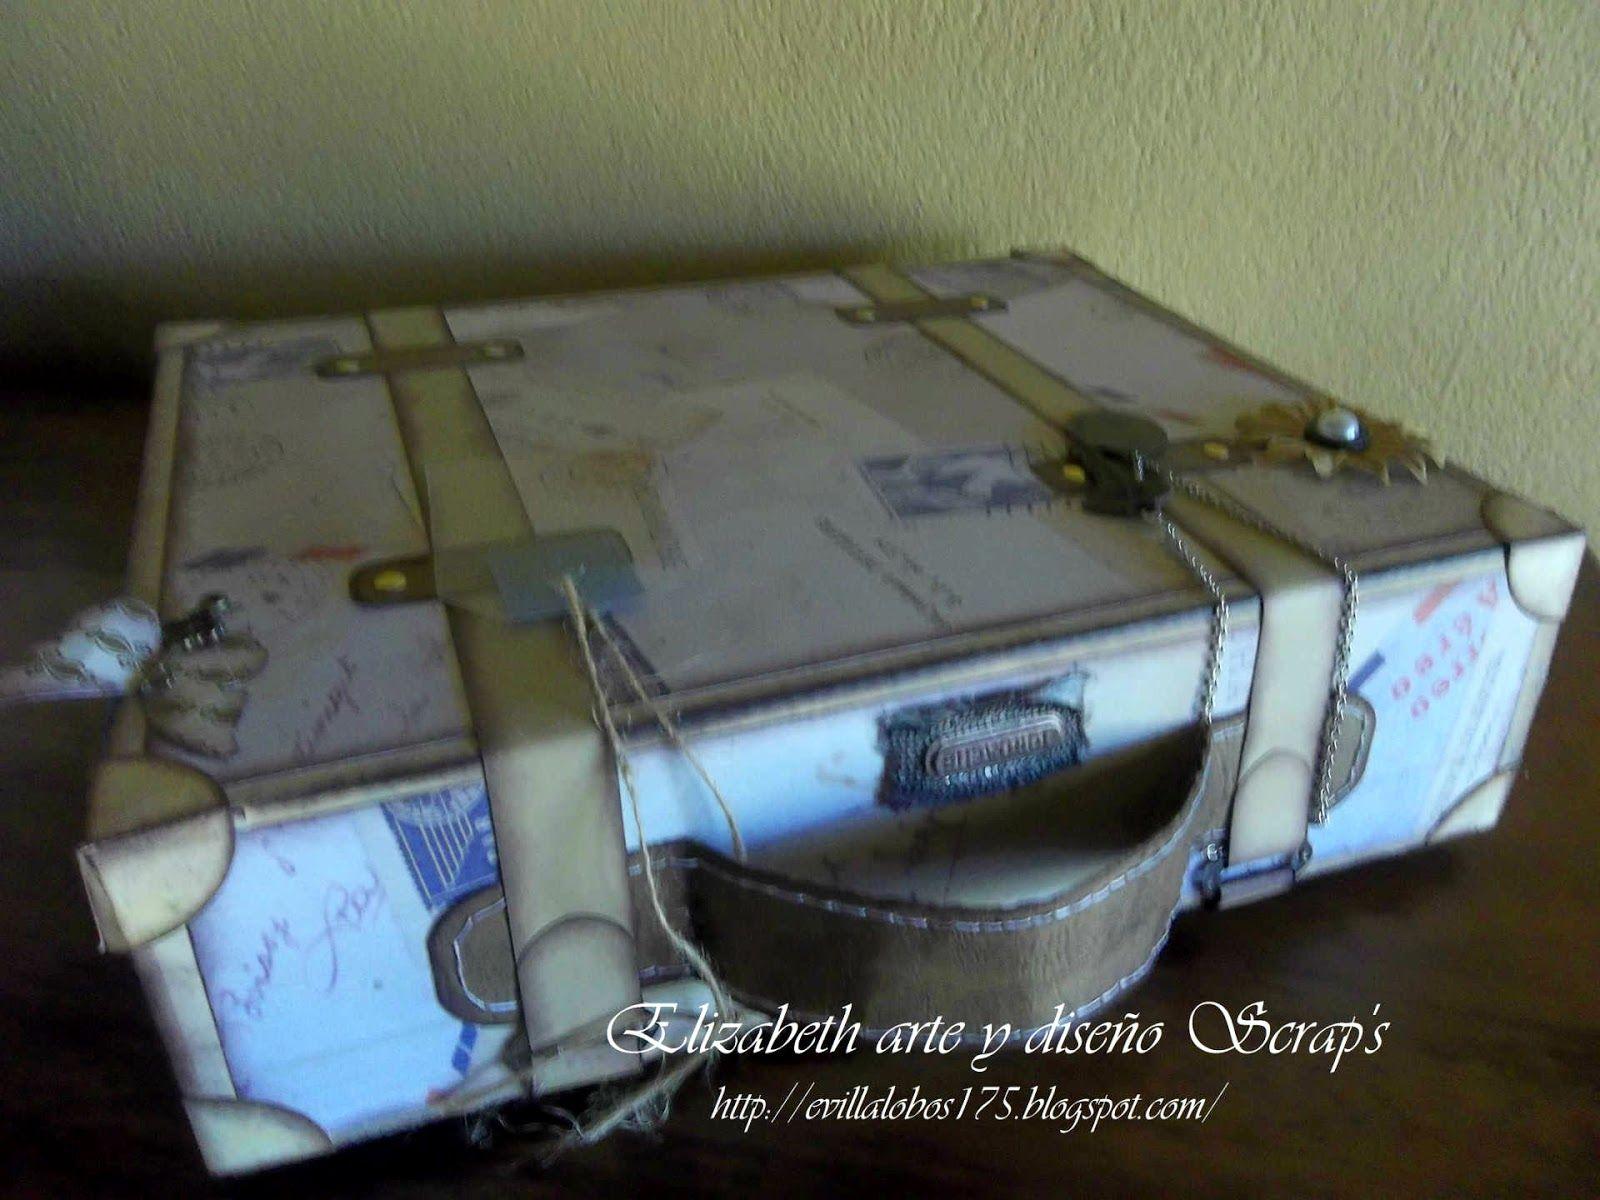 Elizabeth arte y diseño Scrap's